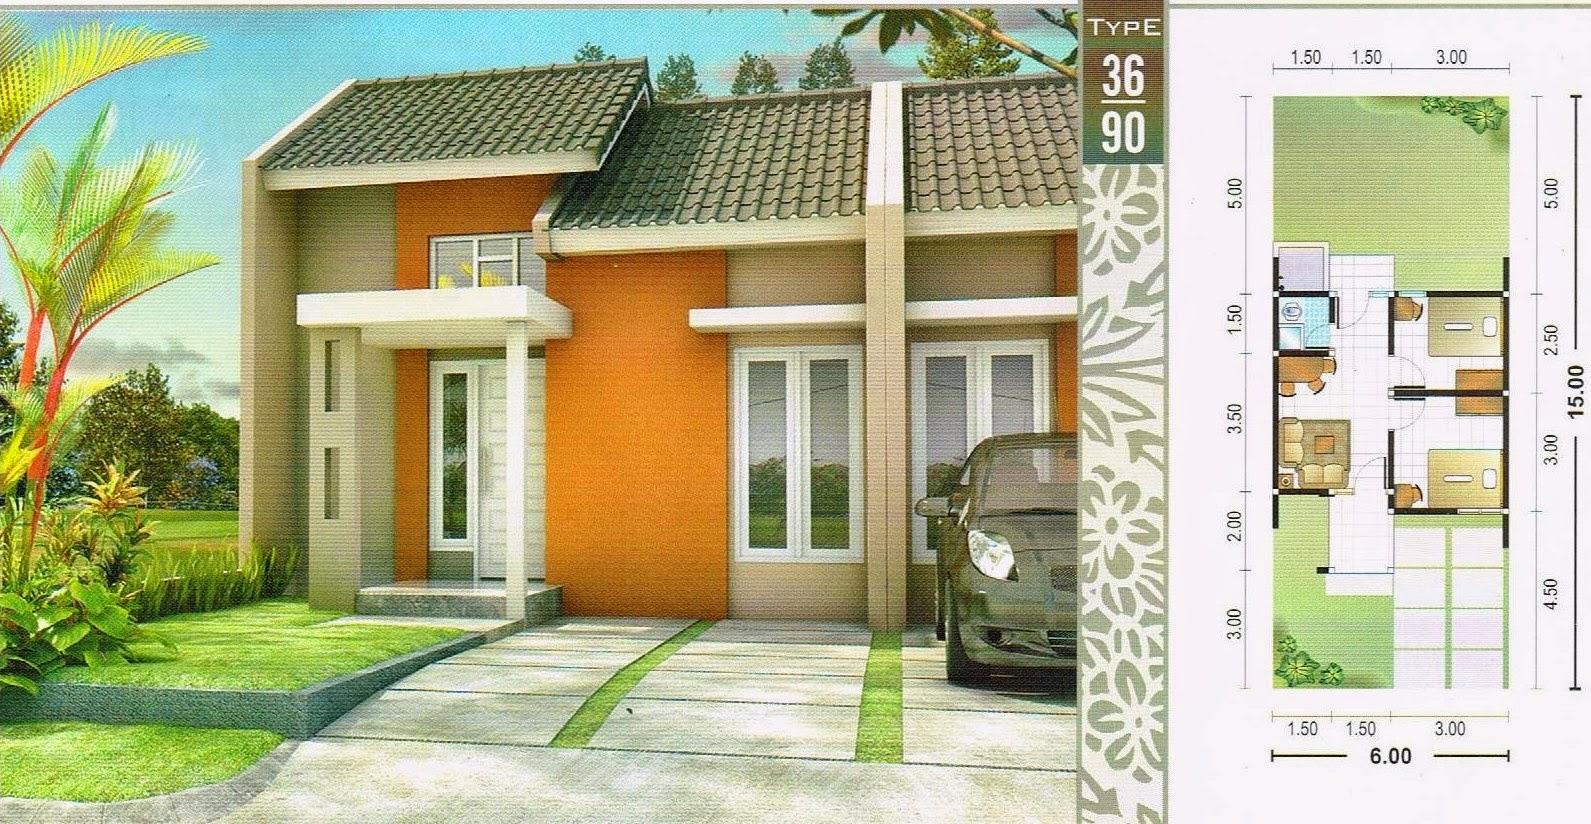 Desain Rumah Minimalis Modern 8 Desain Dan Denah Rumah Minimalis